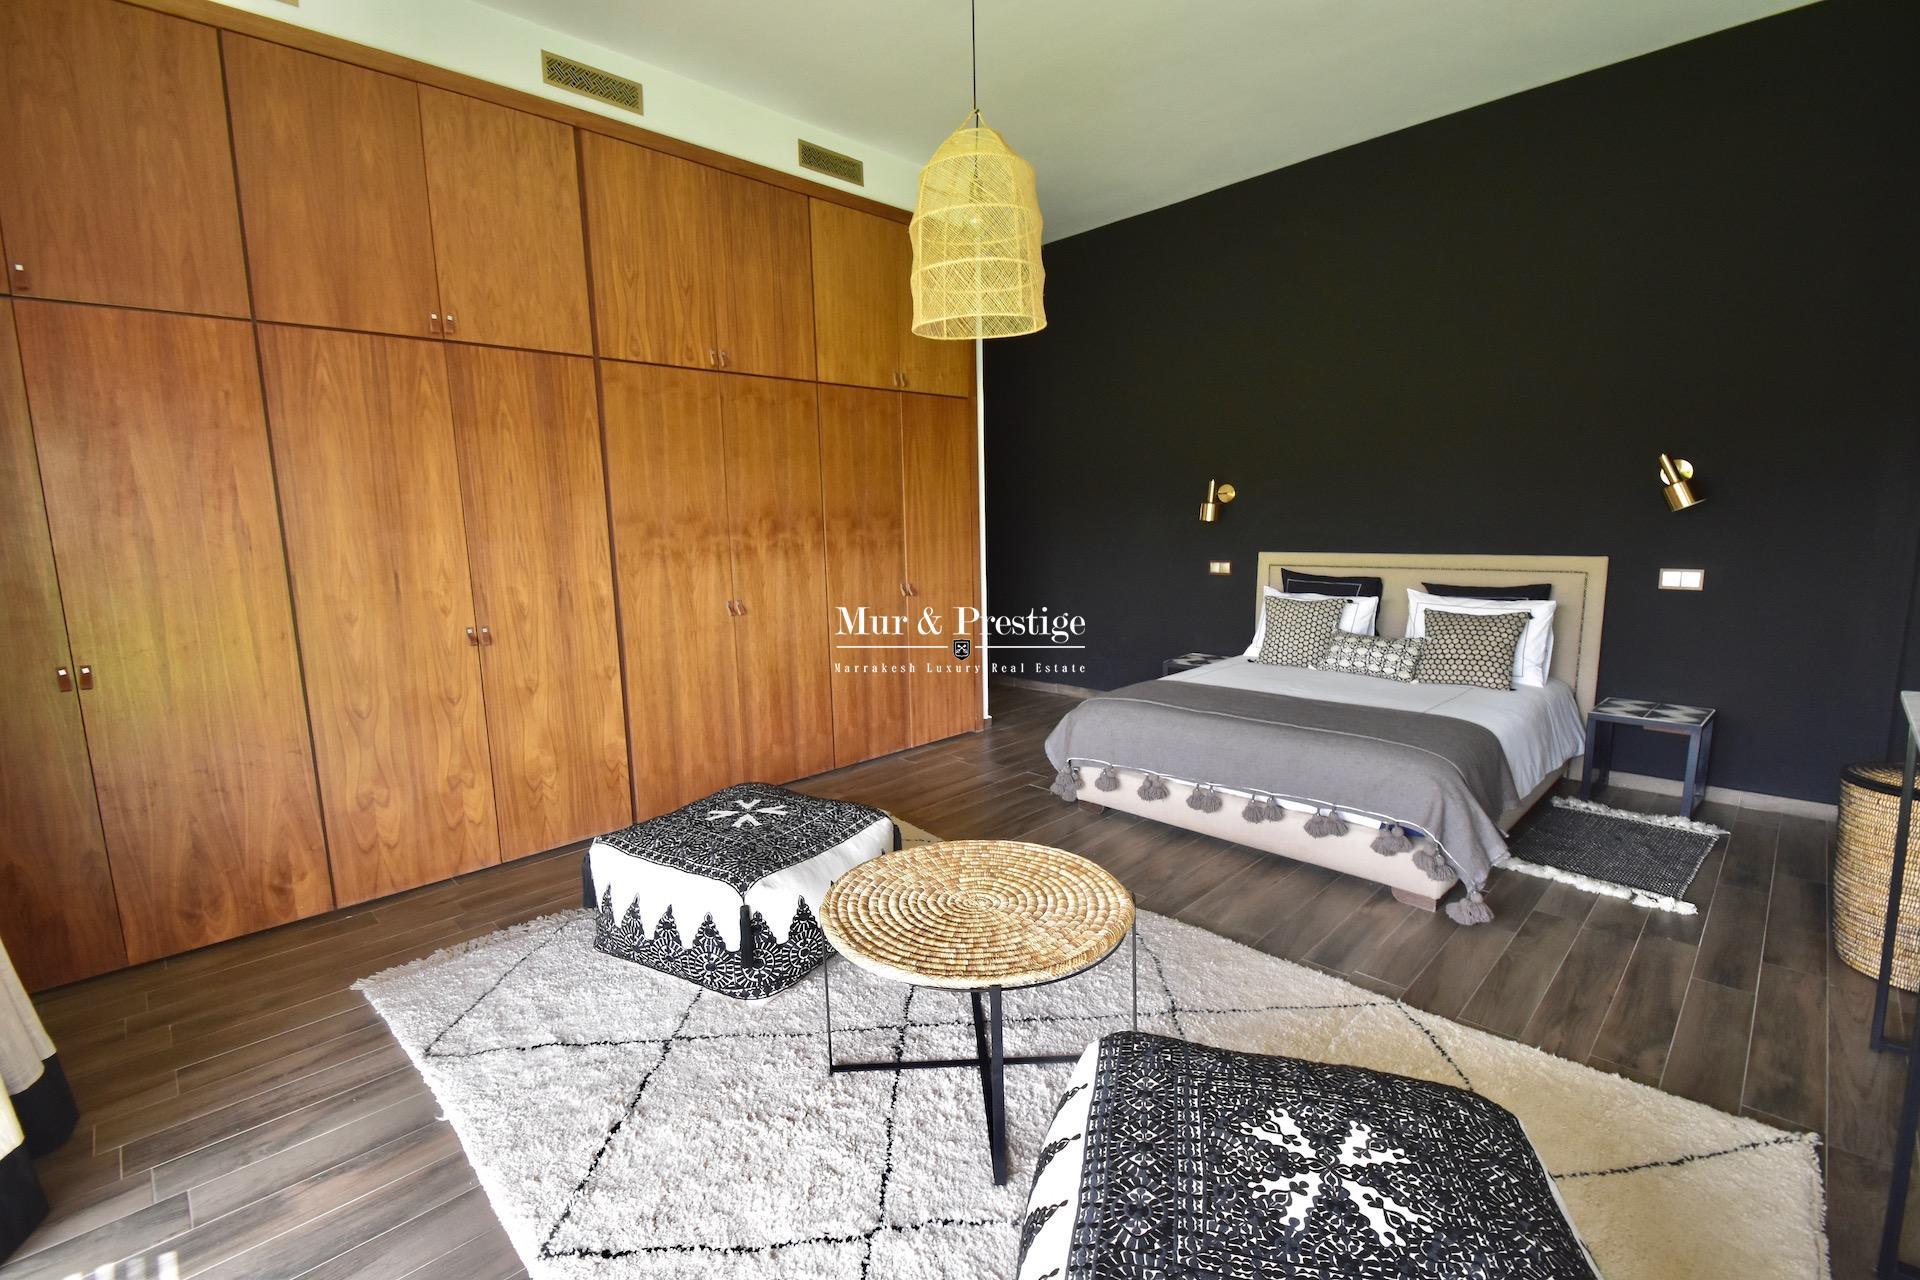 Maison en vente à Marrakech - Agence Immobilière